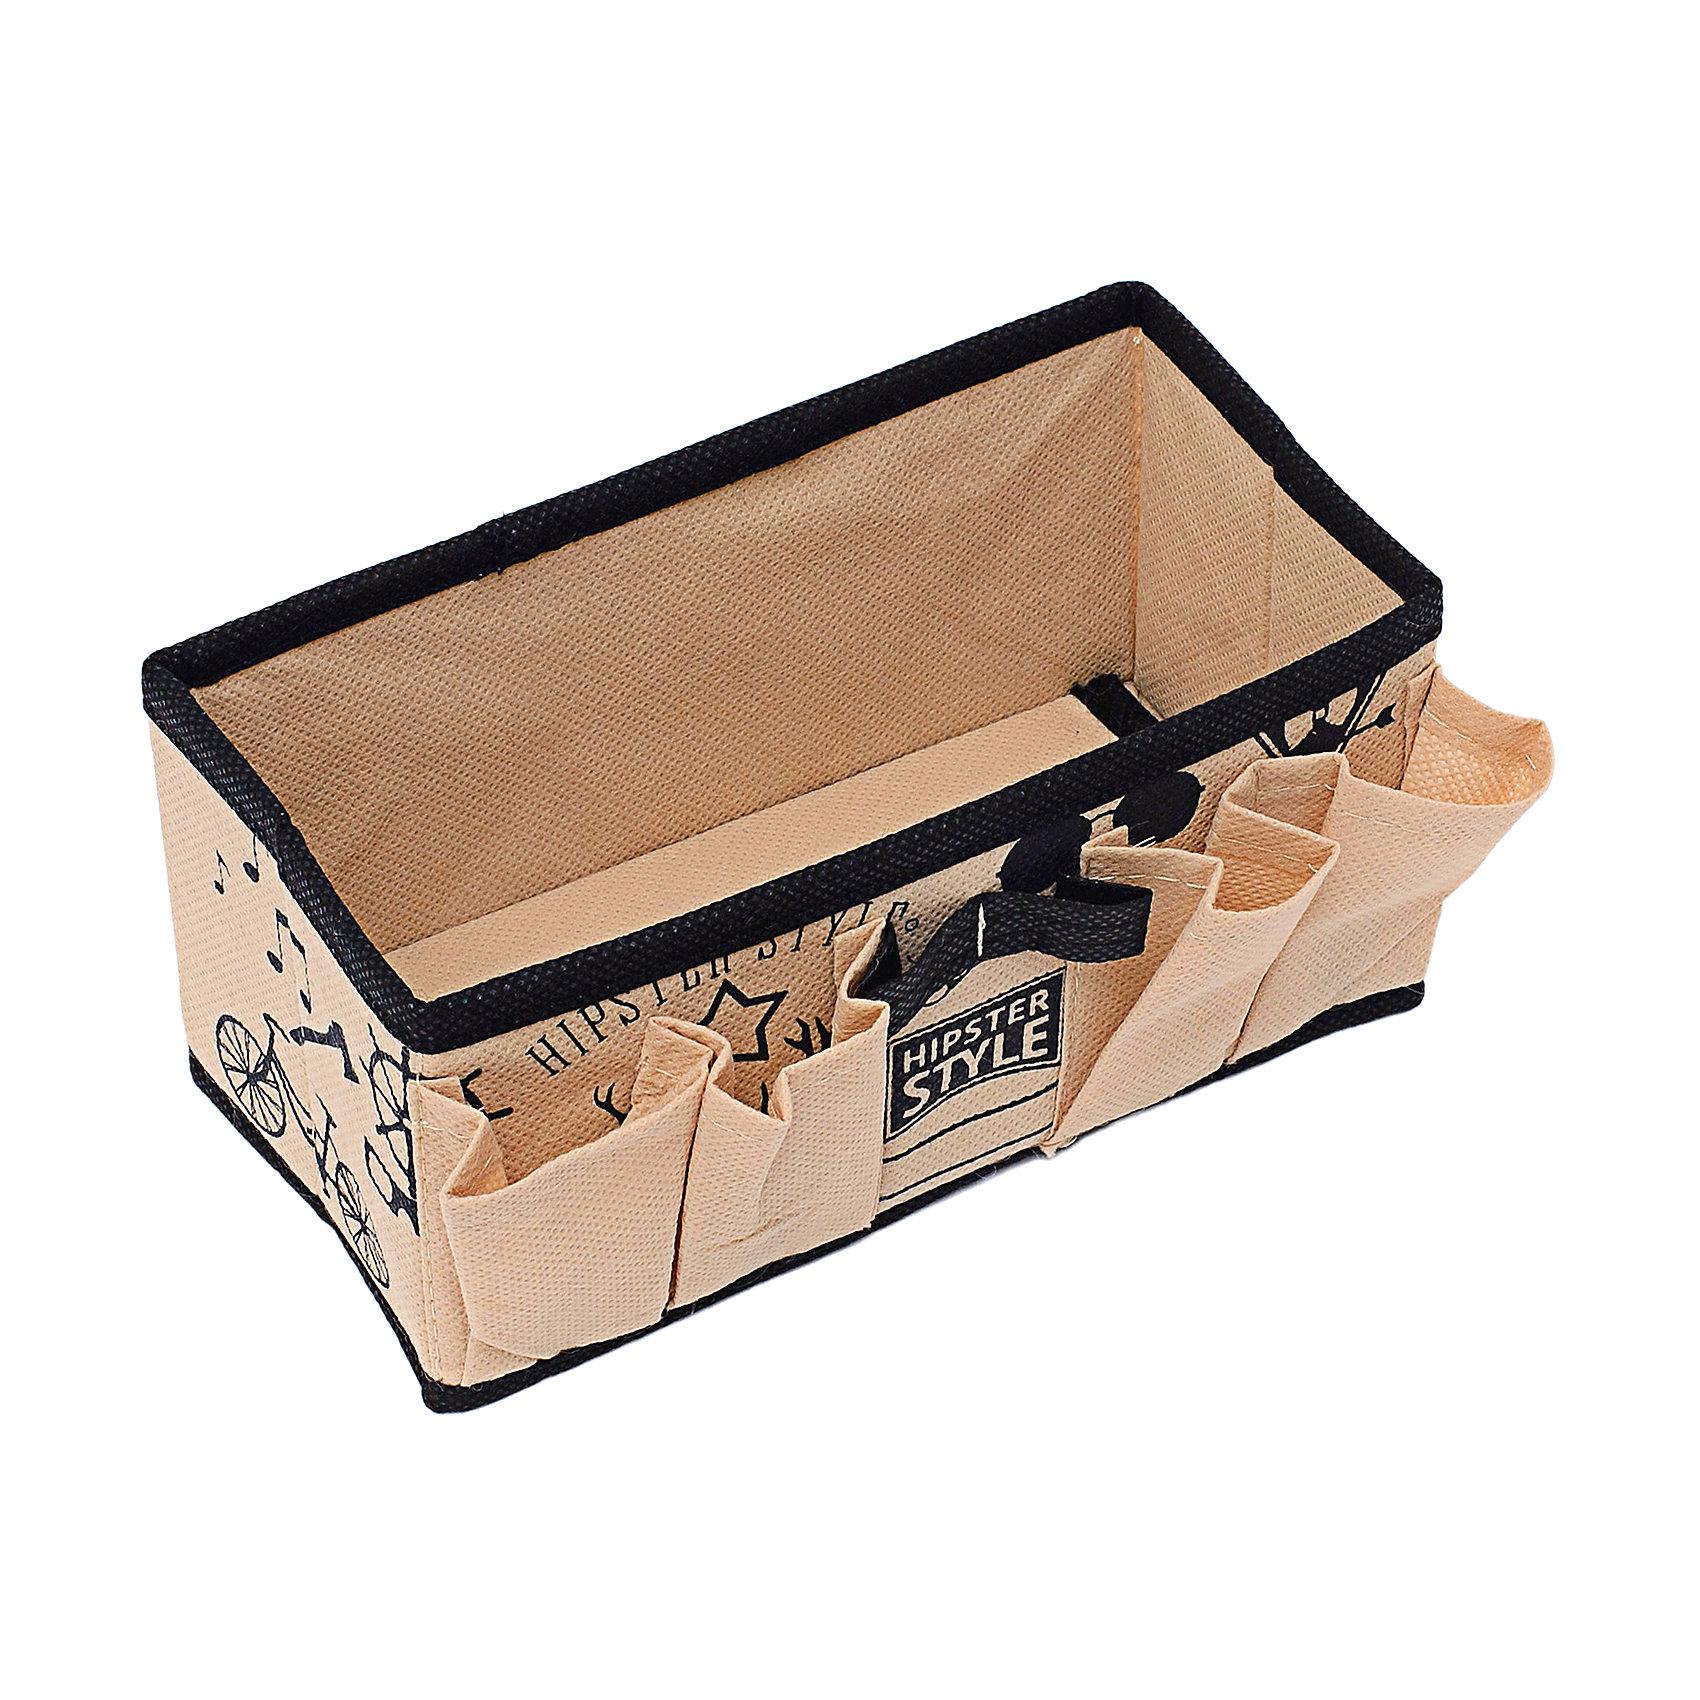 Органайзер для украшений и мелочей (20*10*10) Hipster Style, HomsuПорядок в детской<br>Характеристики товара:<br><br>• цвет: бежевый<br>• материал: полиэстер, картон<br>• размер: 20х10х10 см<br>• вес: 100 г<br>• легкий прочный каркас<br>• обеспечивает естественную вентиляцию<br>• вместимость: 5 отделений<br>• страна бренда: Россия<br>• страна изготовитель: Китай<br><br>Органайзер для украшений и мелочей Hipster Style от бренда Homsu (Хомсу) - очень удобная вещь для хранения вещей и эргономичной организации пространства.<br><br>Предмет легкий, устойчивый, вместительный, обеспечивает естественную вентиляцию.<br><br>Органайзер для украшений и мелочей (20*10*10) Hipster Style, Homsu можно купить в нашем интернет-магазине.<br><br>Ширина мм: 200<br>Глубина мм: 100<br>Высота мм: 20<br>Вес г: 100<br>Возраст от месяцев: 216<br>Возраст до месяцев: 1188<br>Пол: Унисекс<br>Возраст: Детский<br>SKU: 5620134